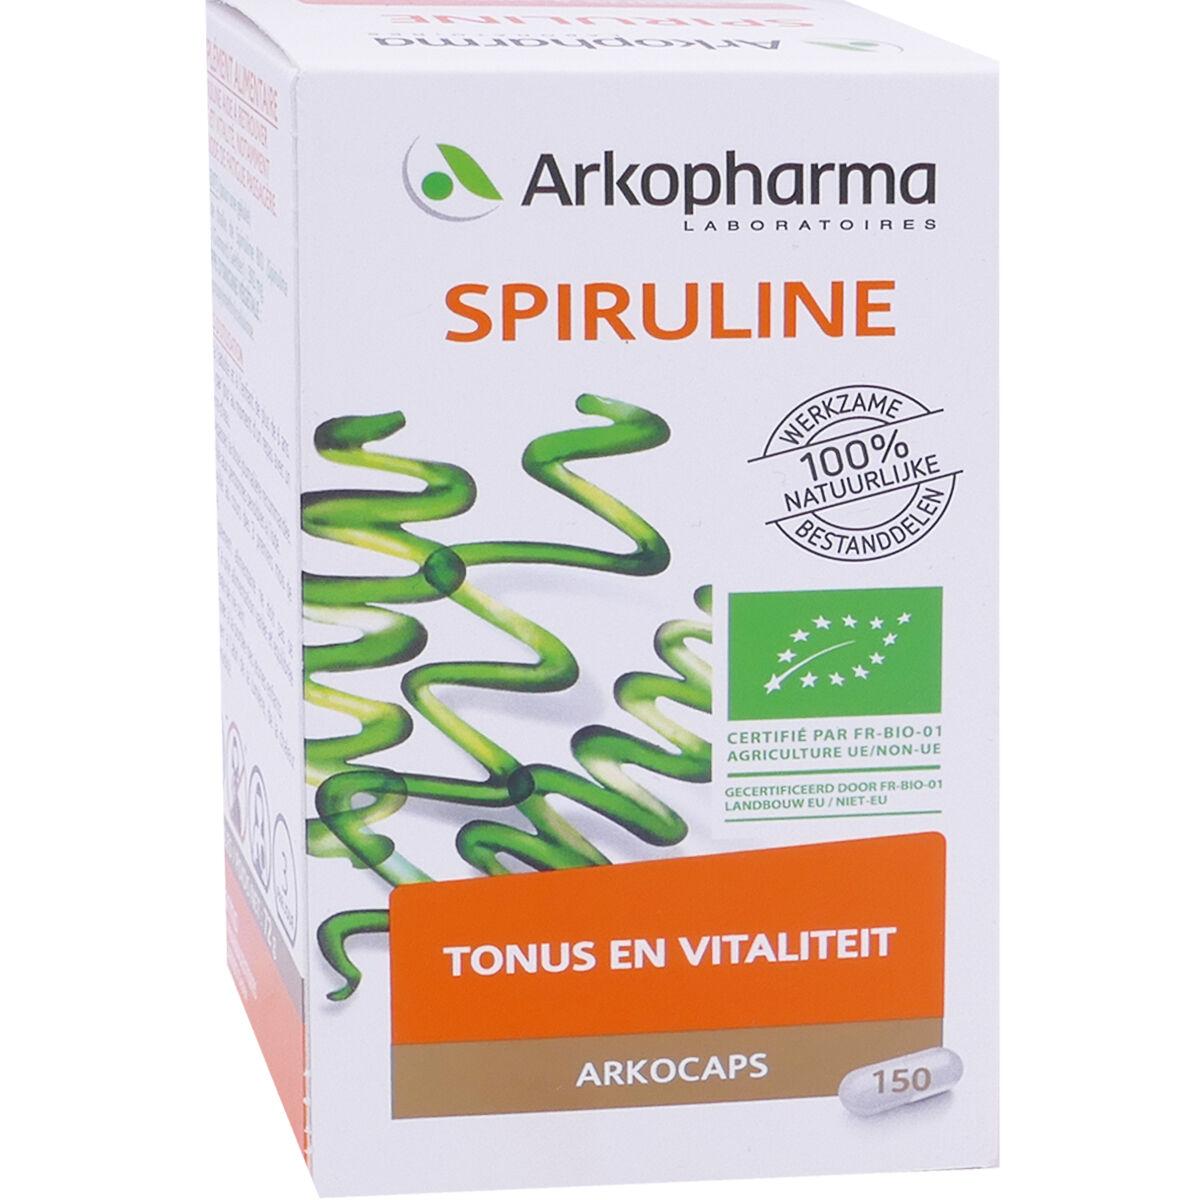 Arkopharma spiruline tonus & vitalite 150 gelules bio